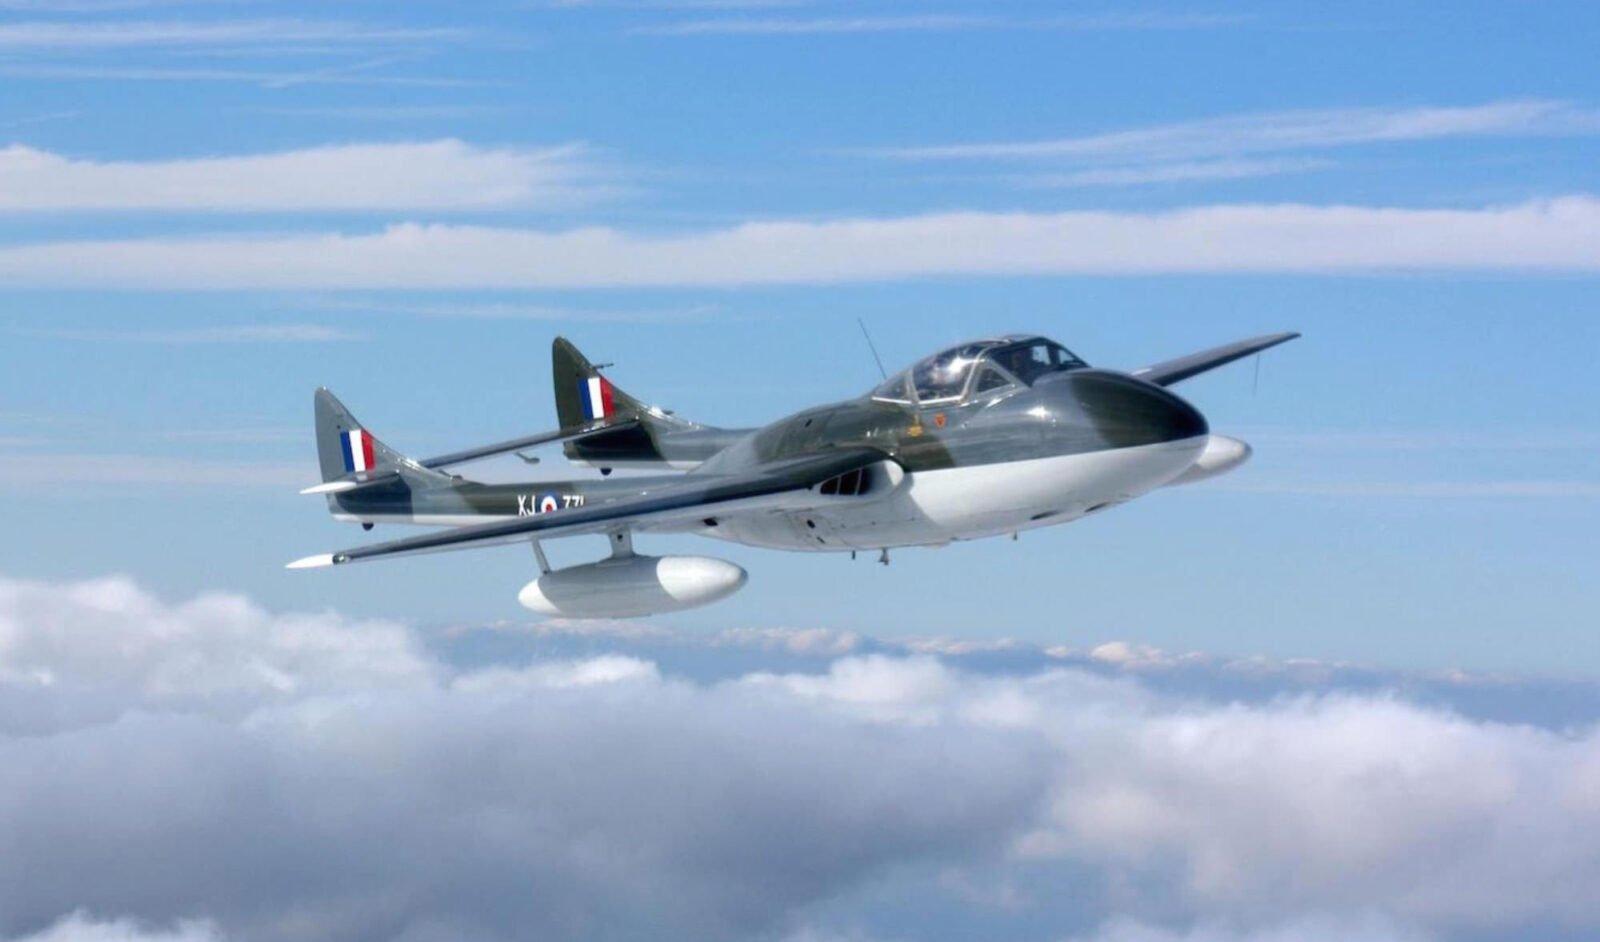 de Havilland Vampire T55 2 1600x942 - de Havilland Vampire Jet